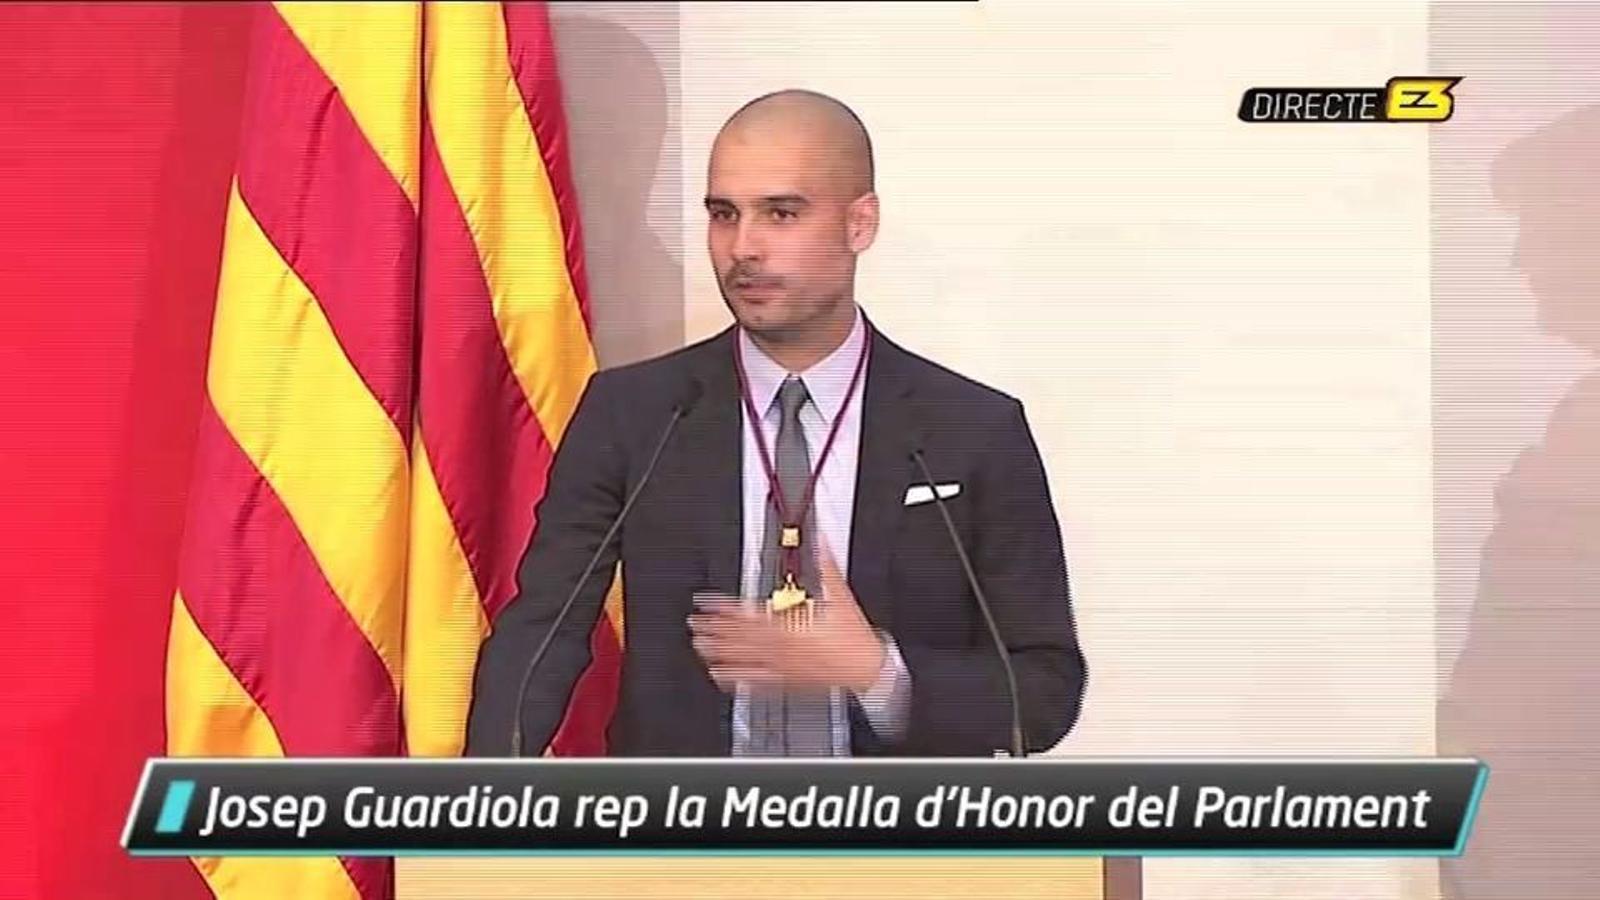 Guardiola en rebre la Medalla d'Honor del Parlament: Si ens aixequem ben d'hora i sense retrets, som un país imparable